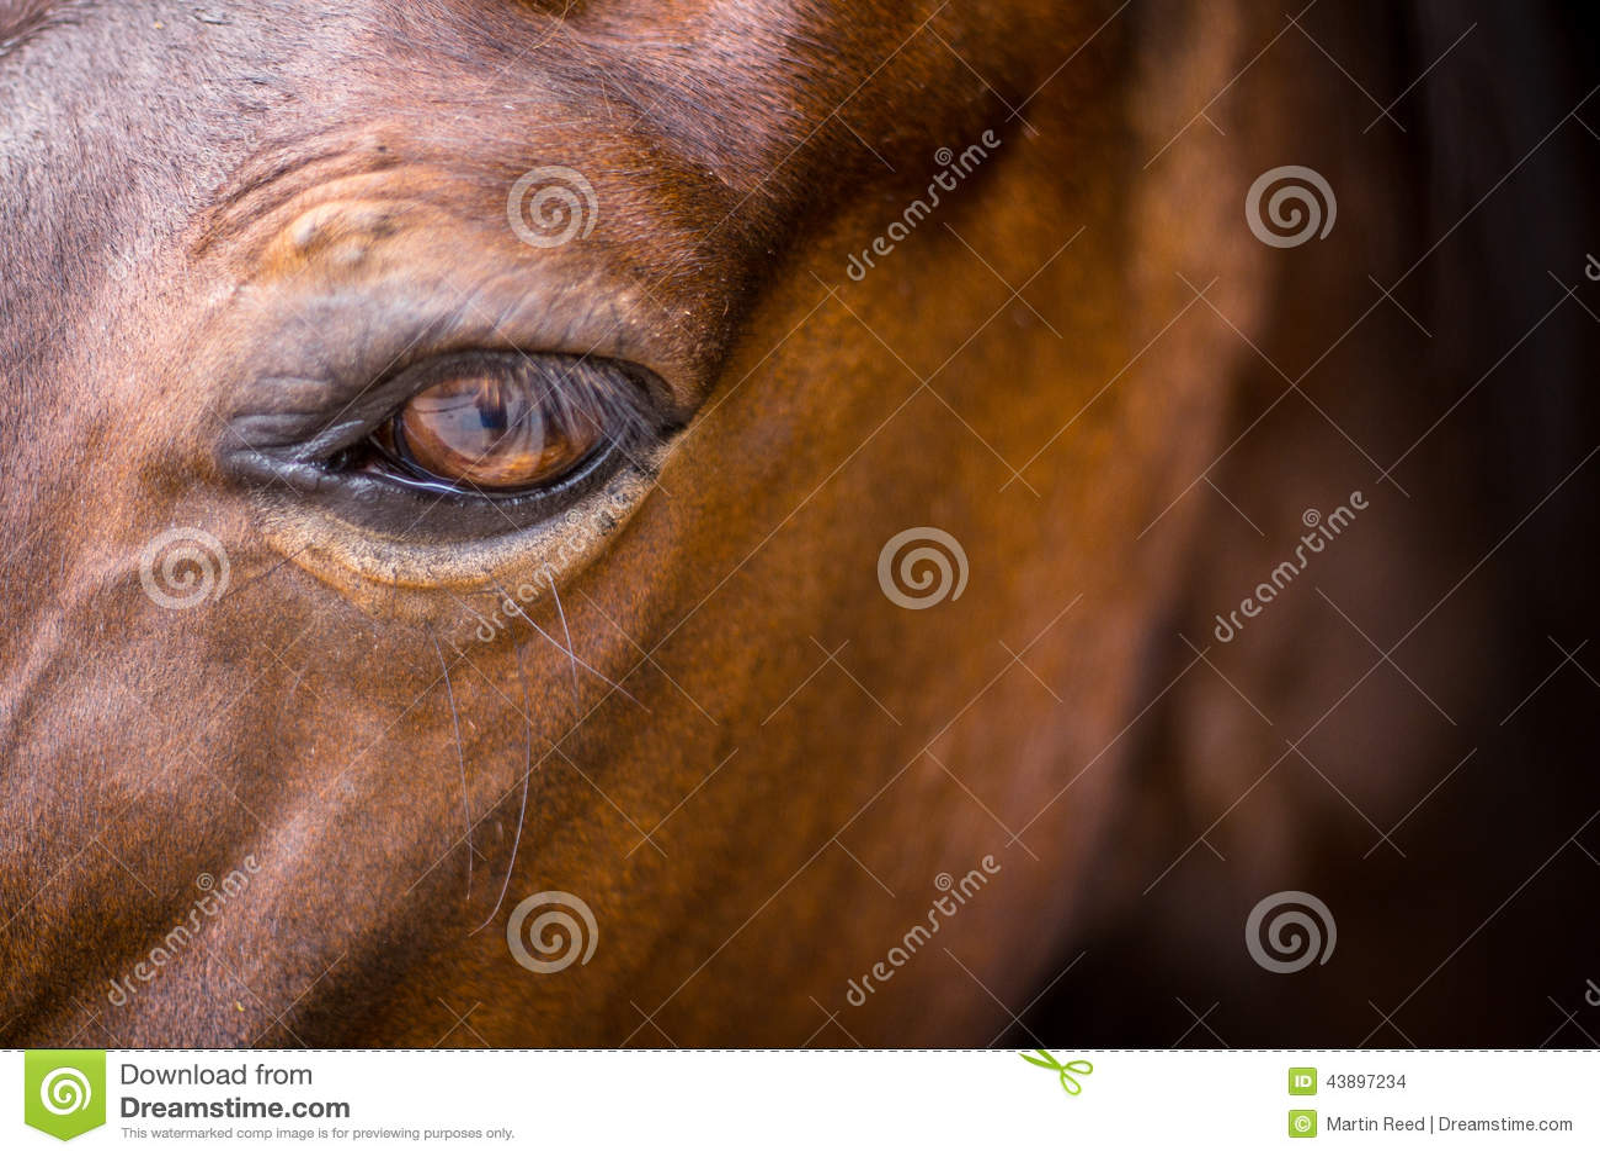 Końska głowa - zakończenie oko